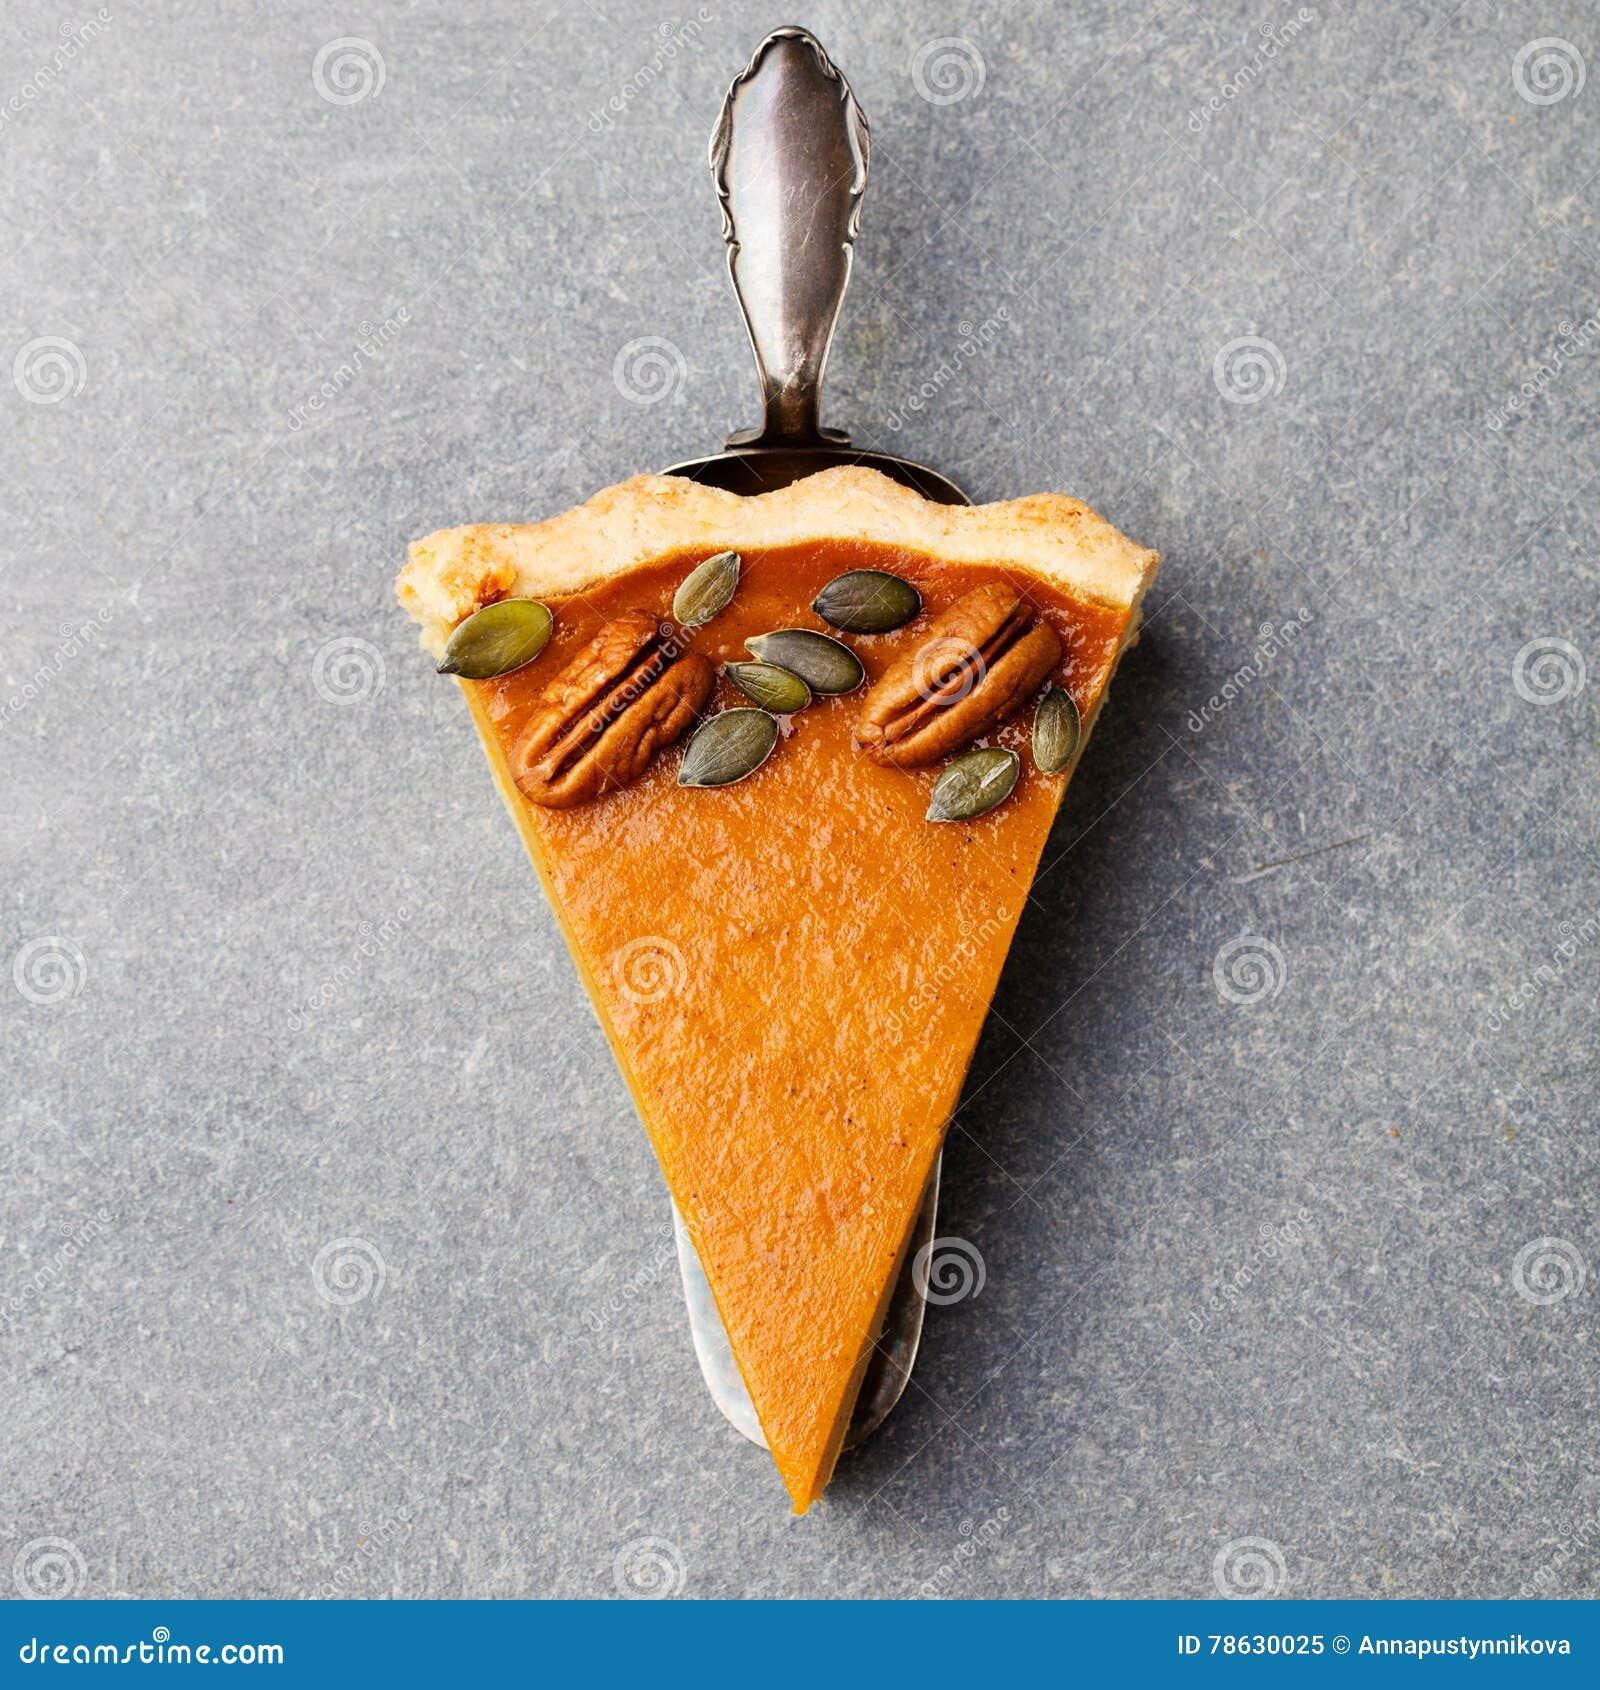 Pumpkin pie, tart made for Thanksgiving day.